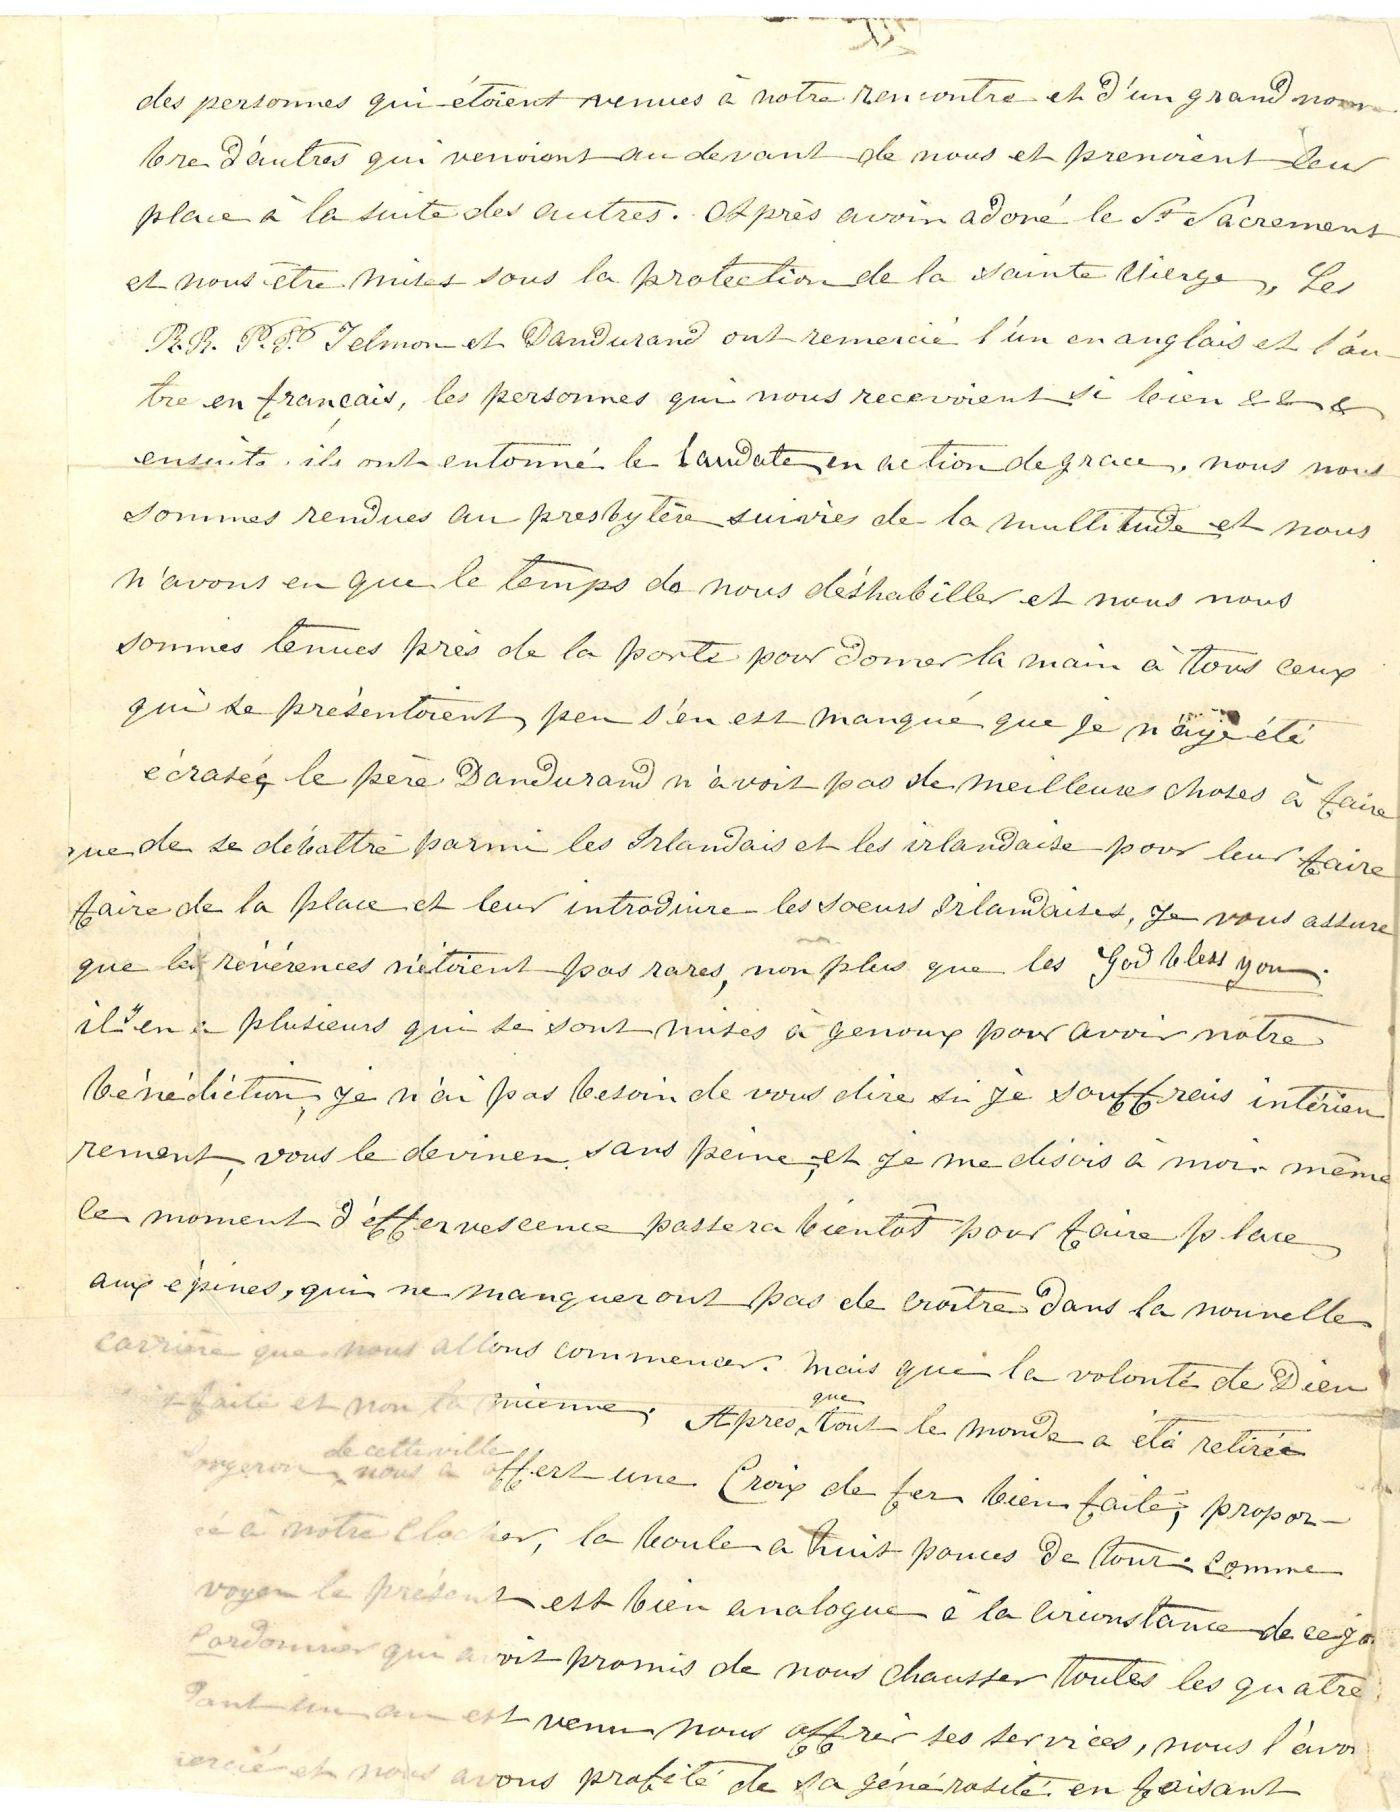 Lettres manuscrites, en français. Le tampon des Archives des Sœurs Grises de Montréal figure aux pages 1 et 3 ; le document est numéroté. La première lettre est signée par sœur Bruyère à la page 2; la deuxième lettre n'est pas signée. La page 6 inclut l'enveloppe de la lettre avec le cachet de la poste et la date de réception.